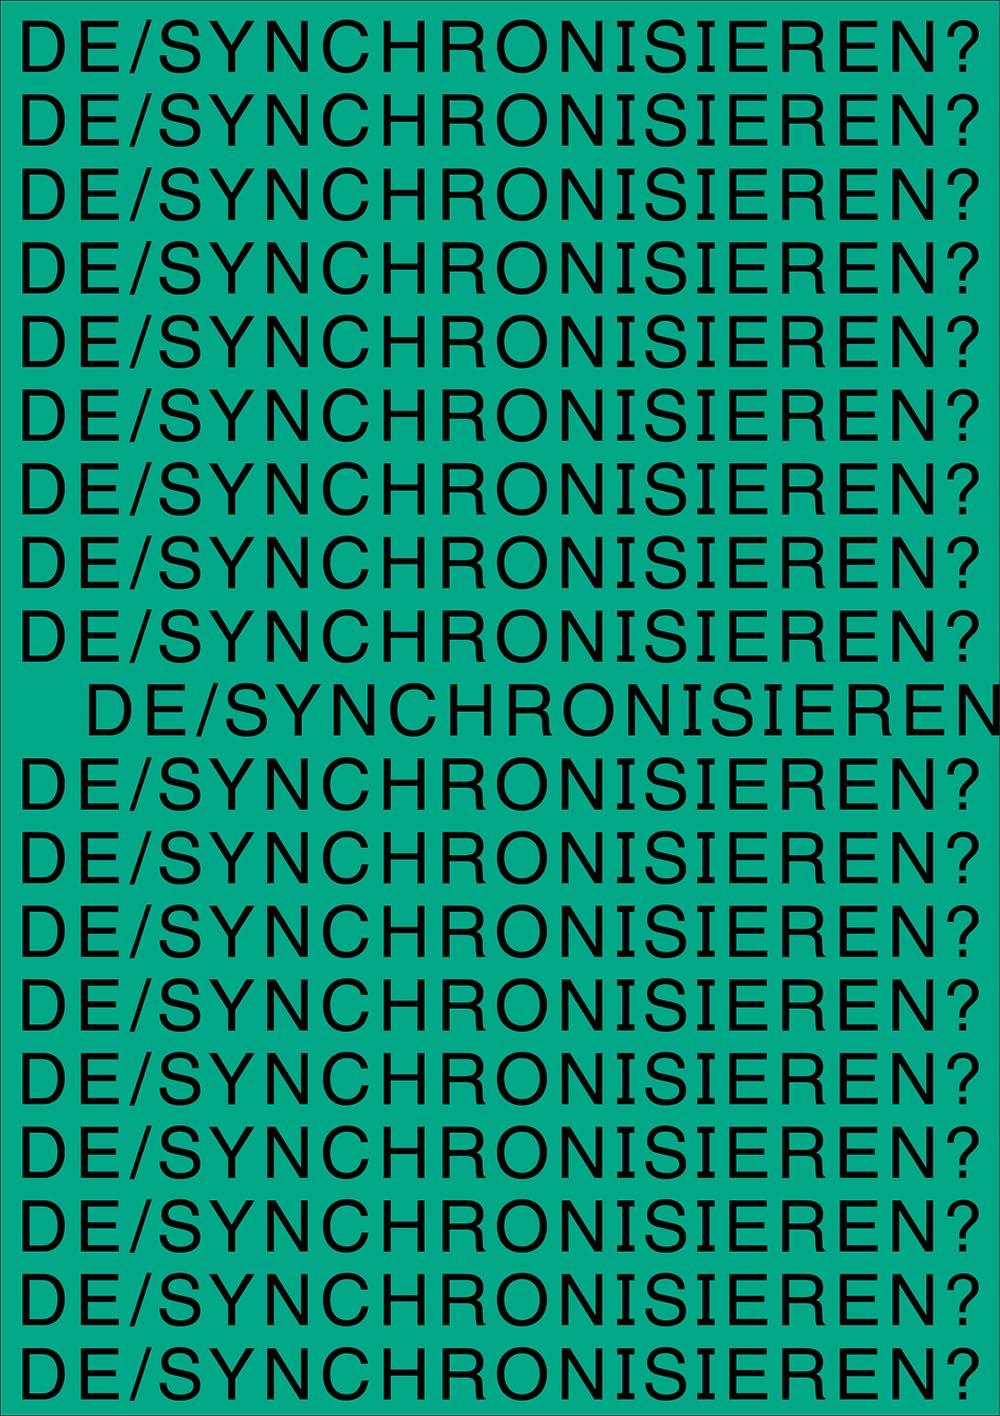 Poster De/Synchronisieren?